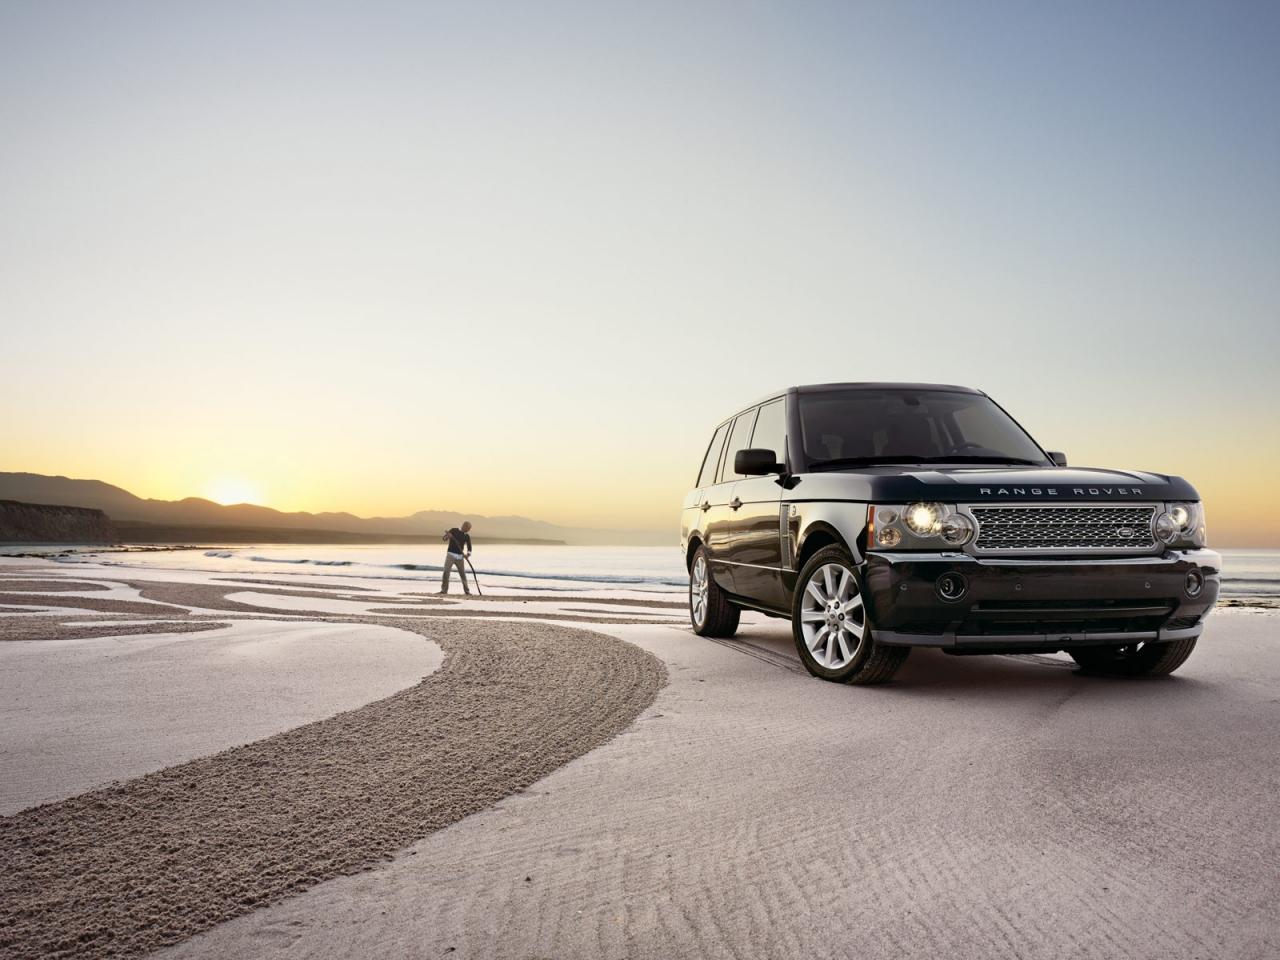 Range Rover - 1280x960